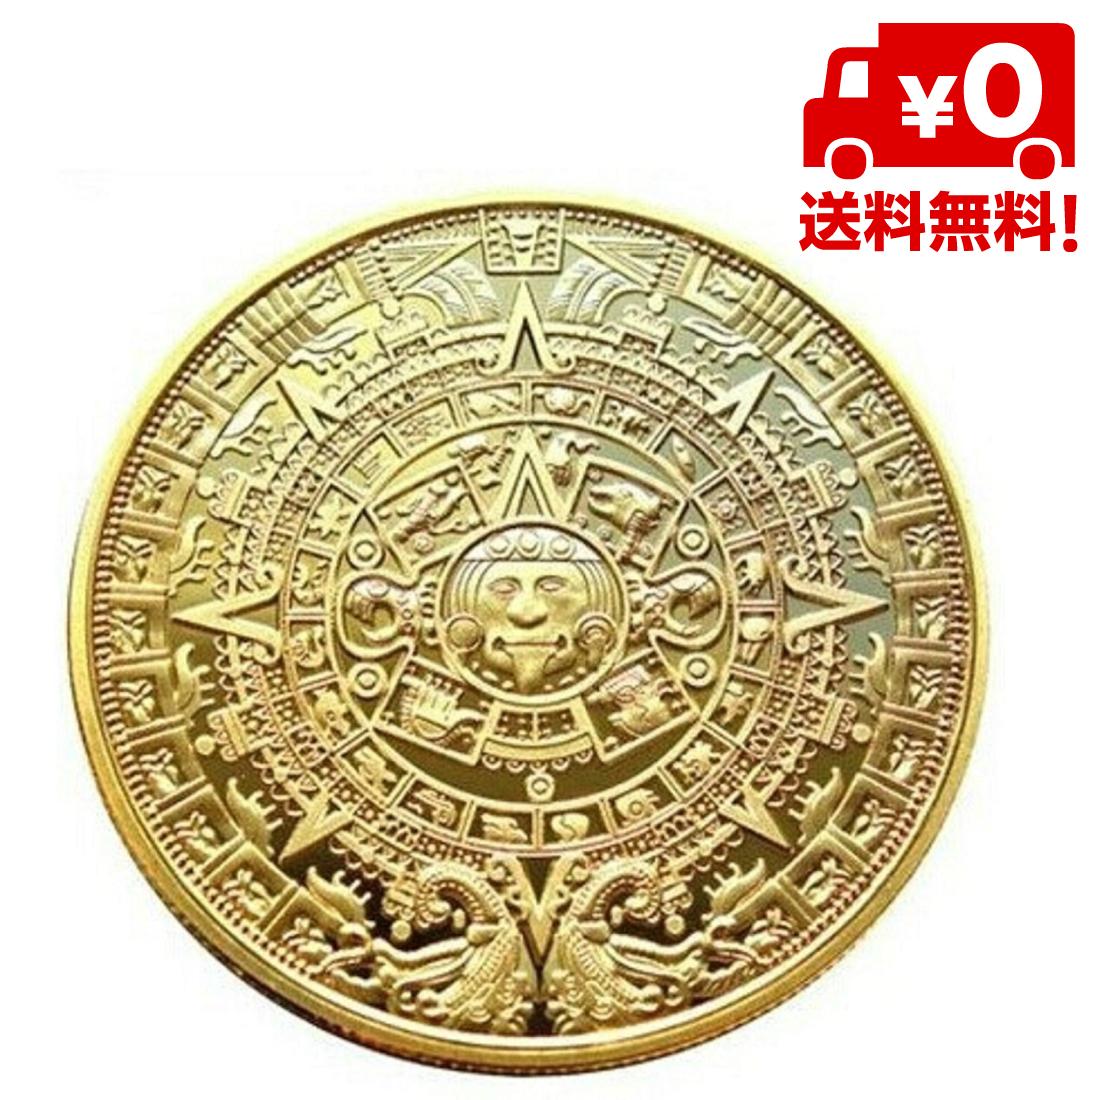 保護プラスチックケース付き! マヤ文明 アステカ カレンダー コイン コレクション 収集 アステカコイン レプリカ 直径40mm ゴールド 金色 送料無料